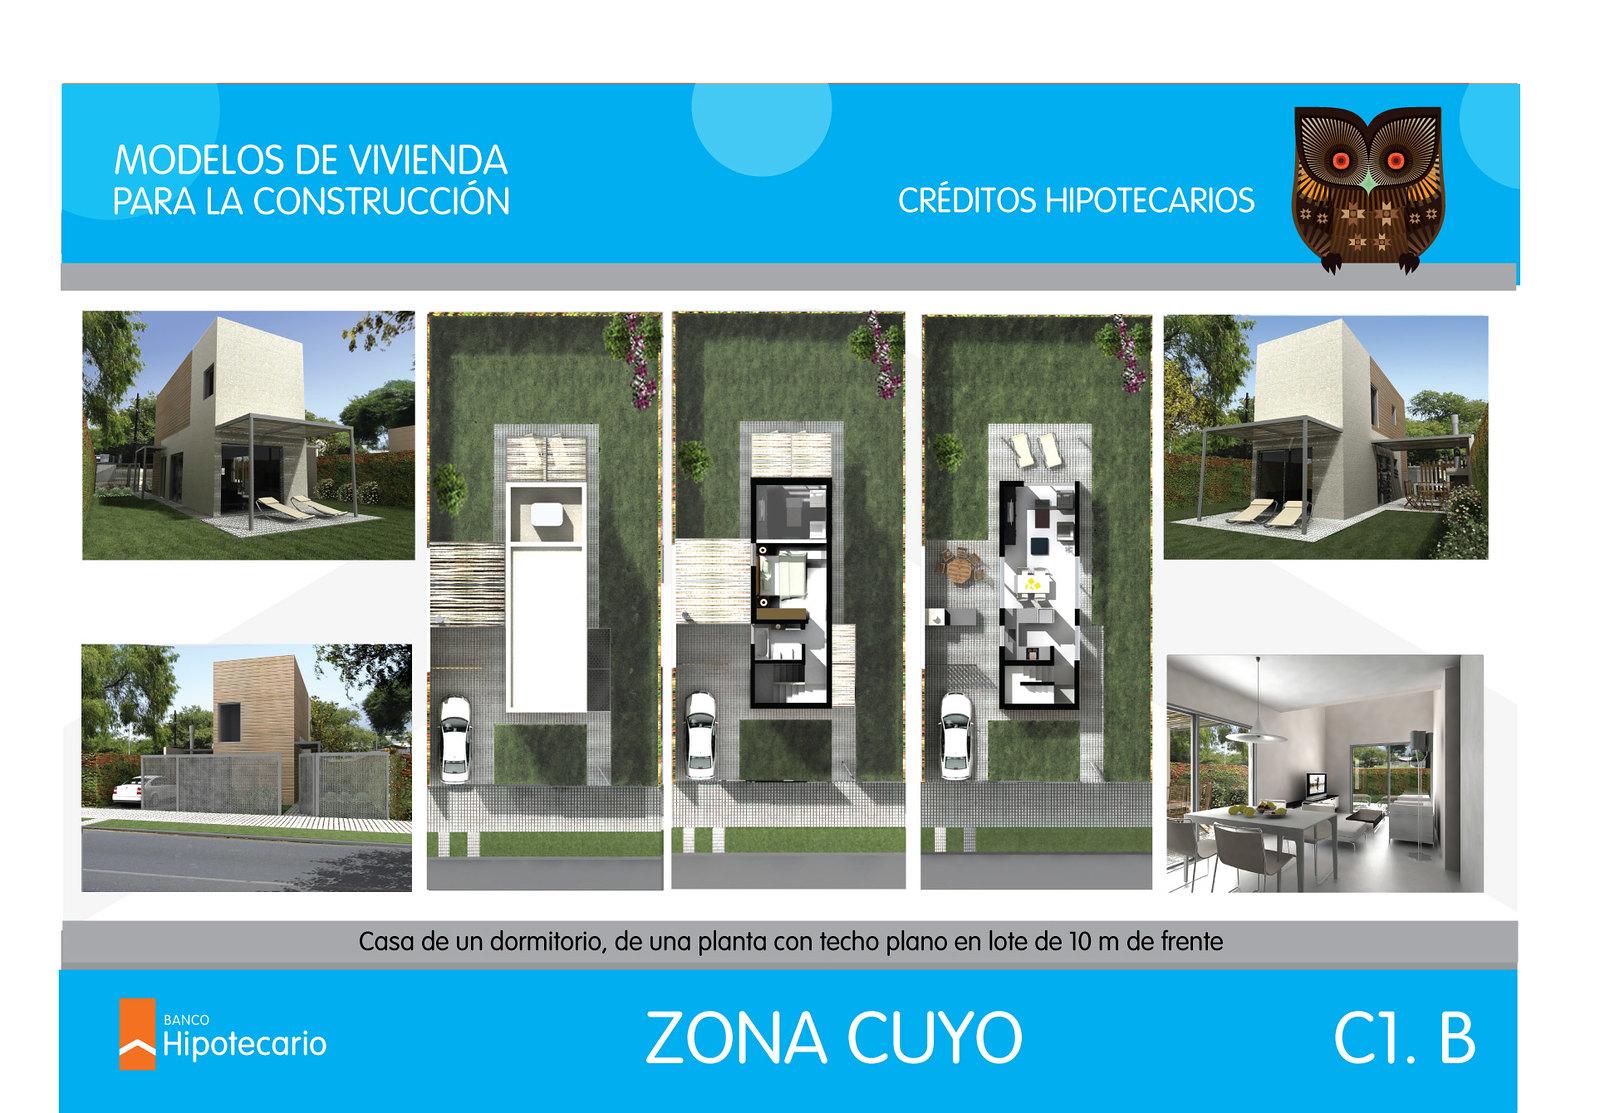 Modelos casas fachadas de casas pequenas clean precio for Casas procrear precios